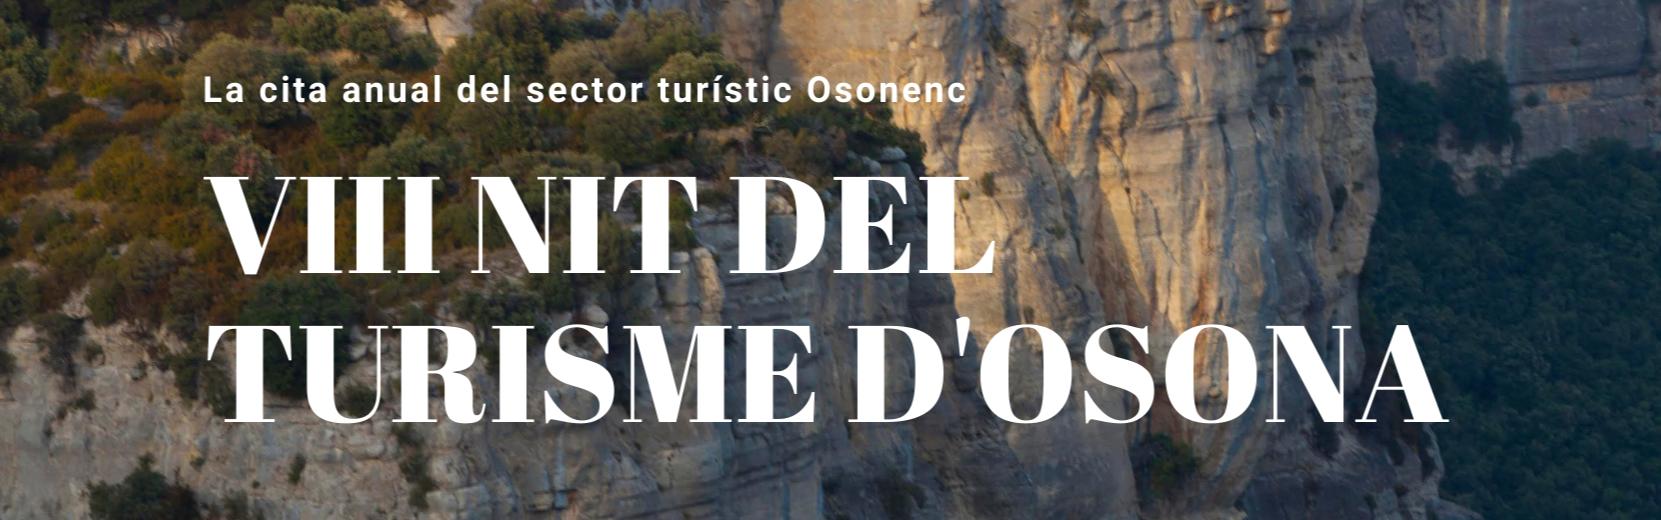 LA NIT DEL TURISME D'OSONA CELEBRA LA SEVA VIII EDICIÓ